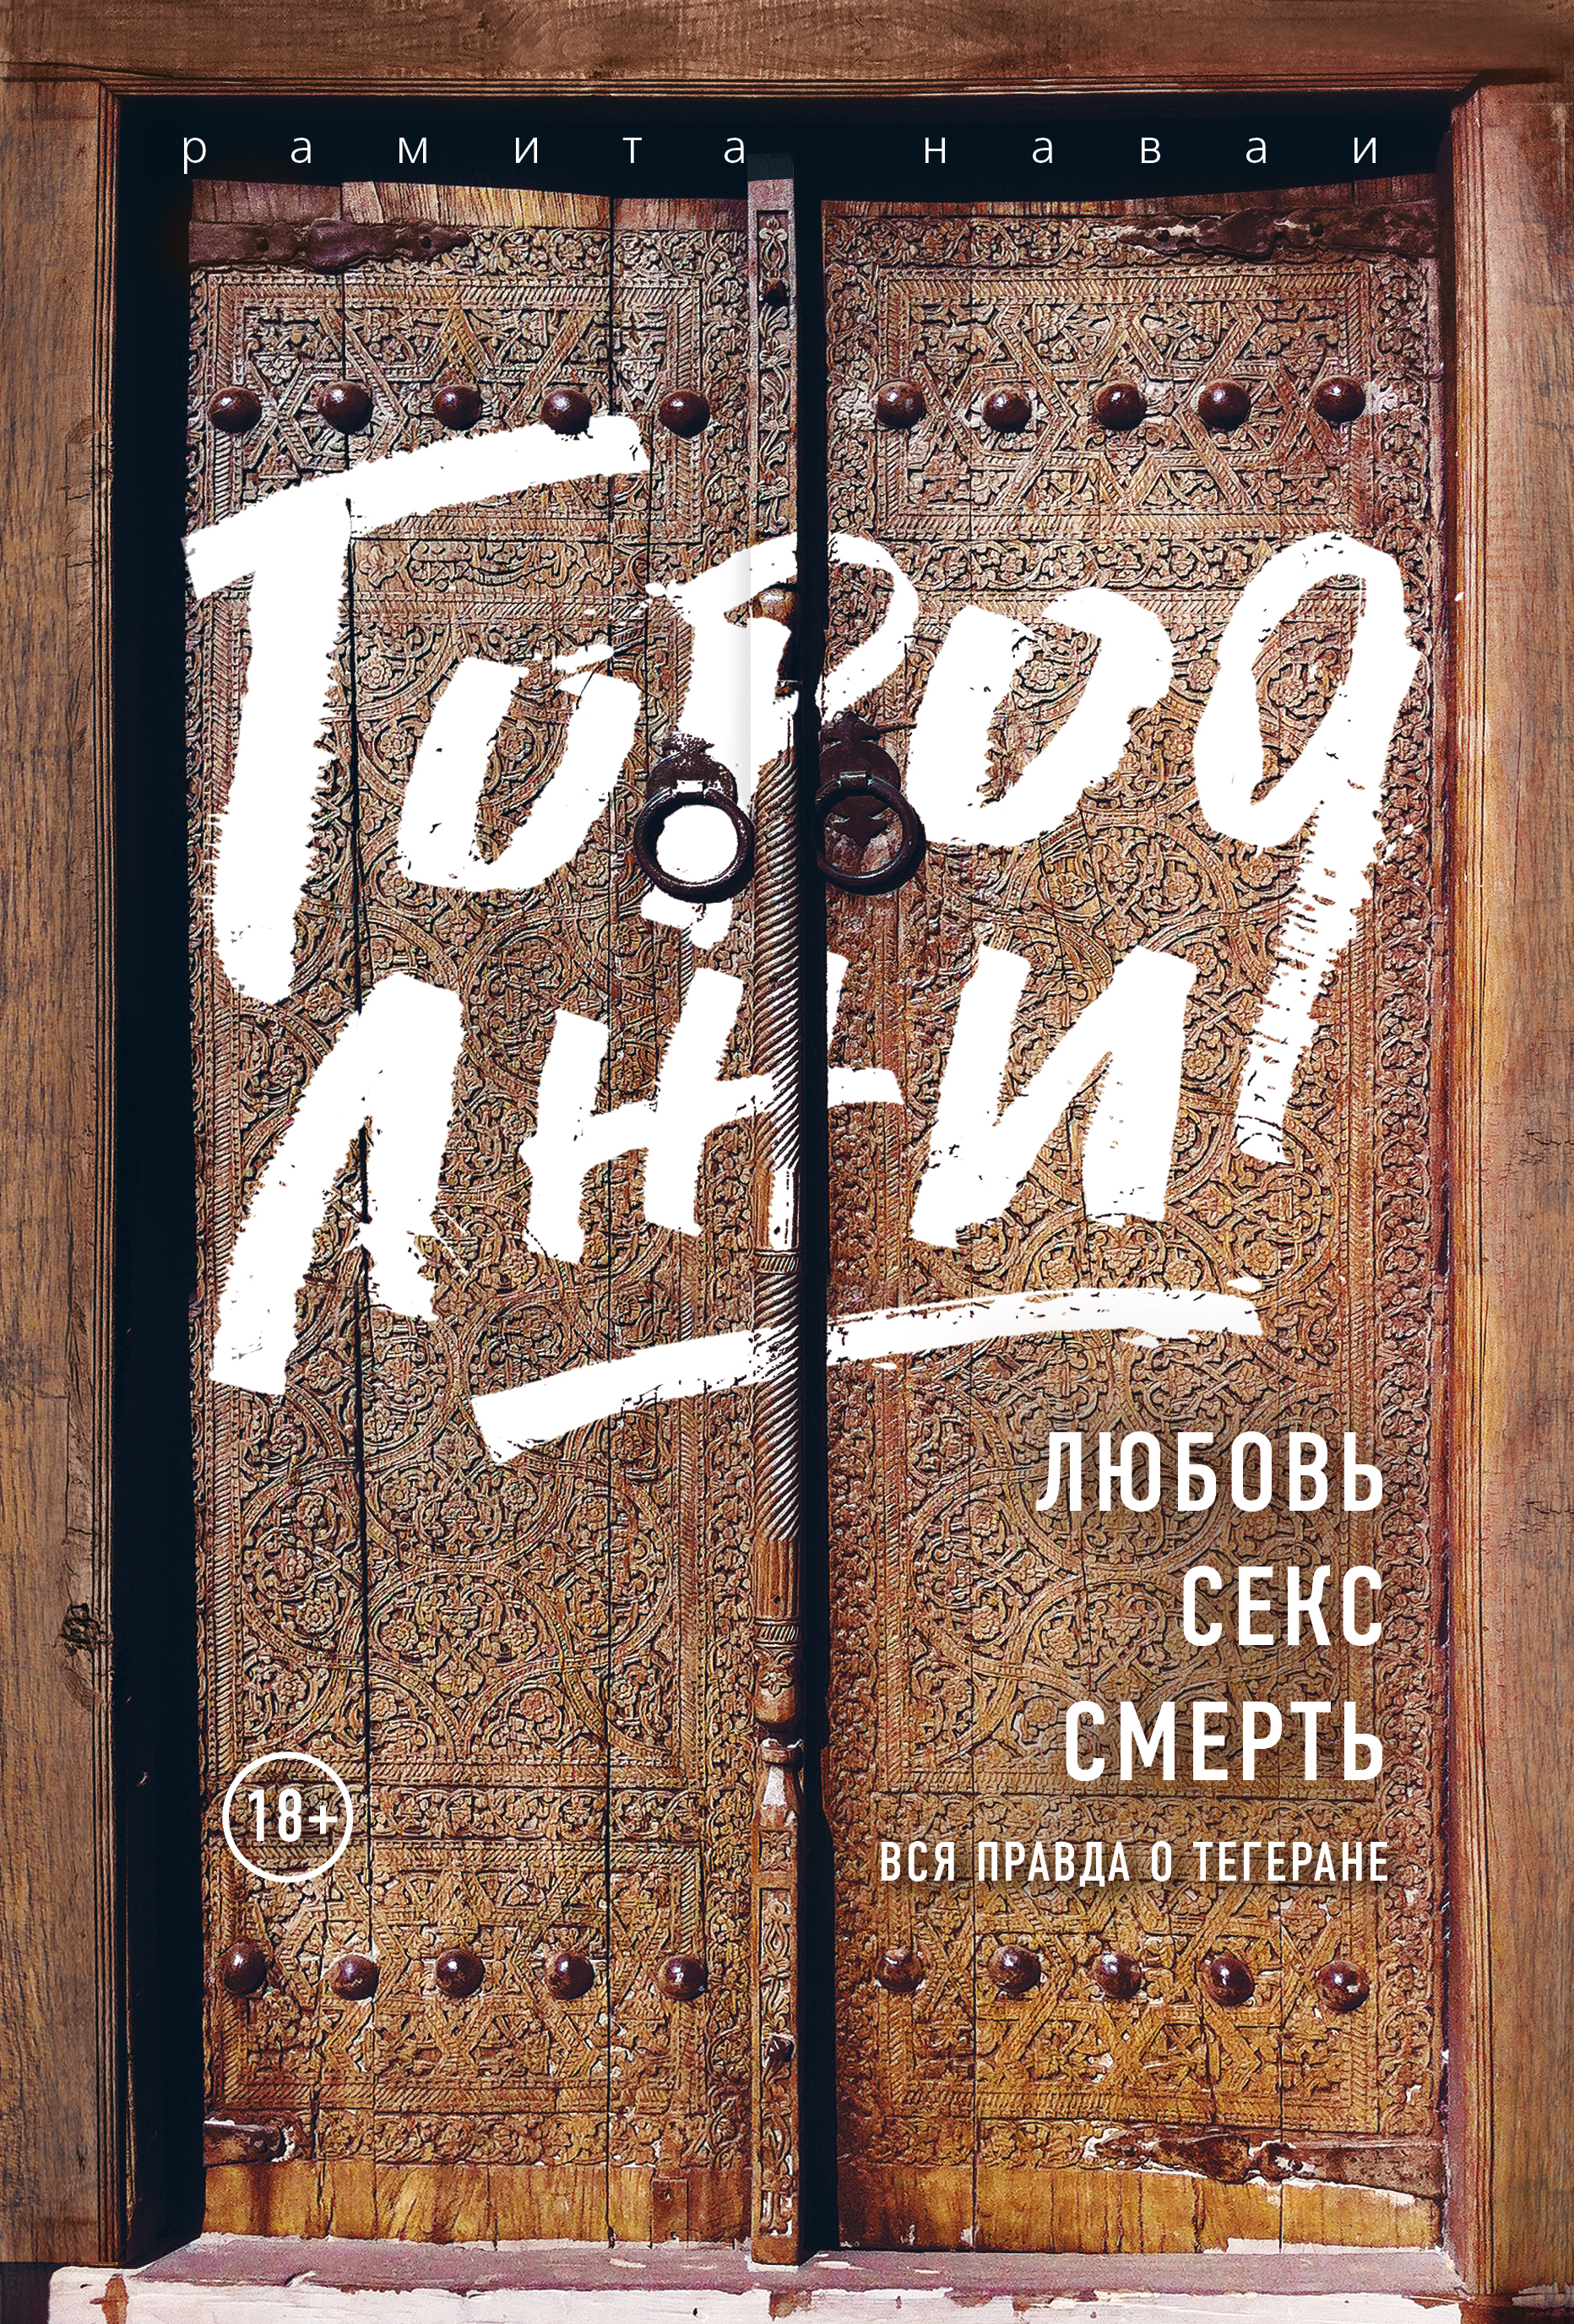 могу сейчас любительское домашнее порно в вк Автор, случайно Москвы?